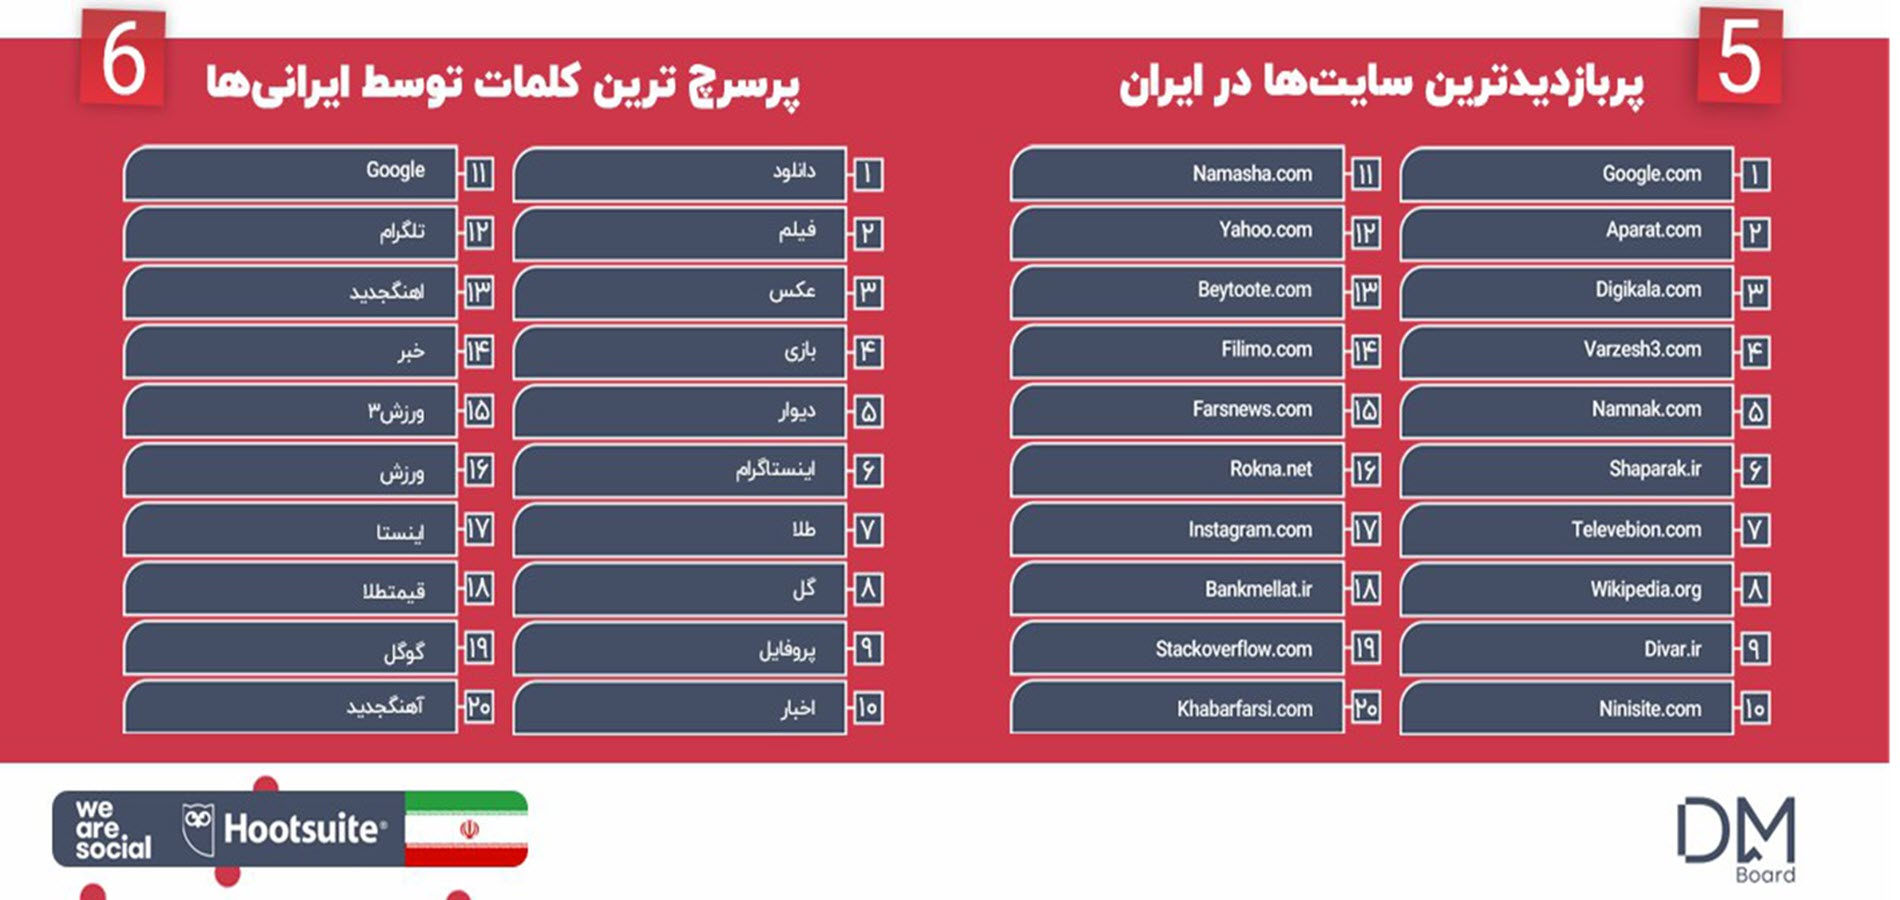 بیشترین بازدید از سایت ها و جستجوگر کلمات ایرانی ها در گزارشات داغ سال 2019